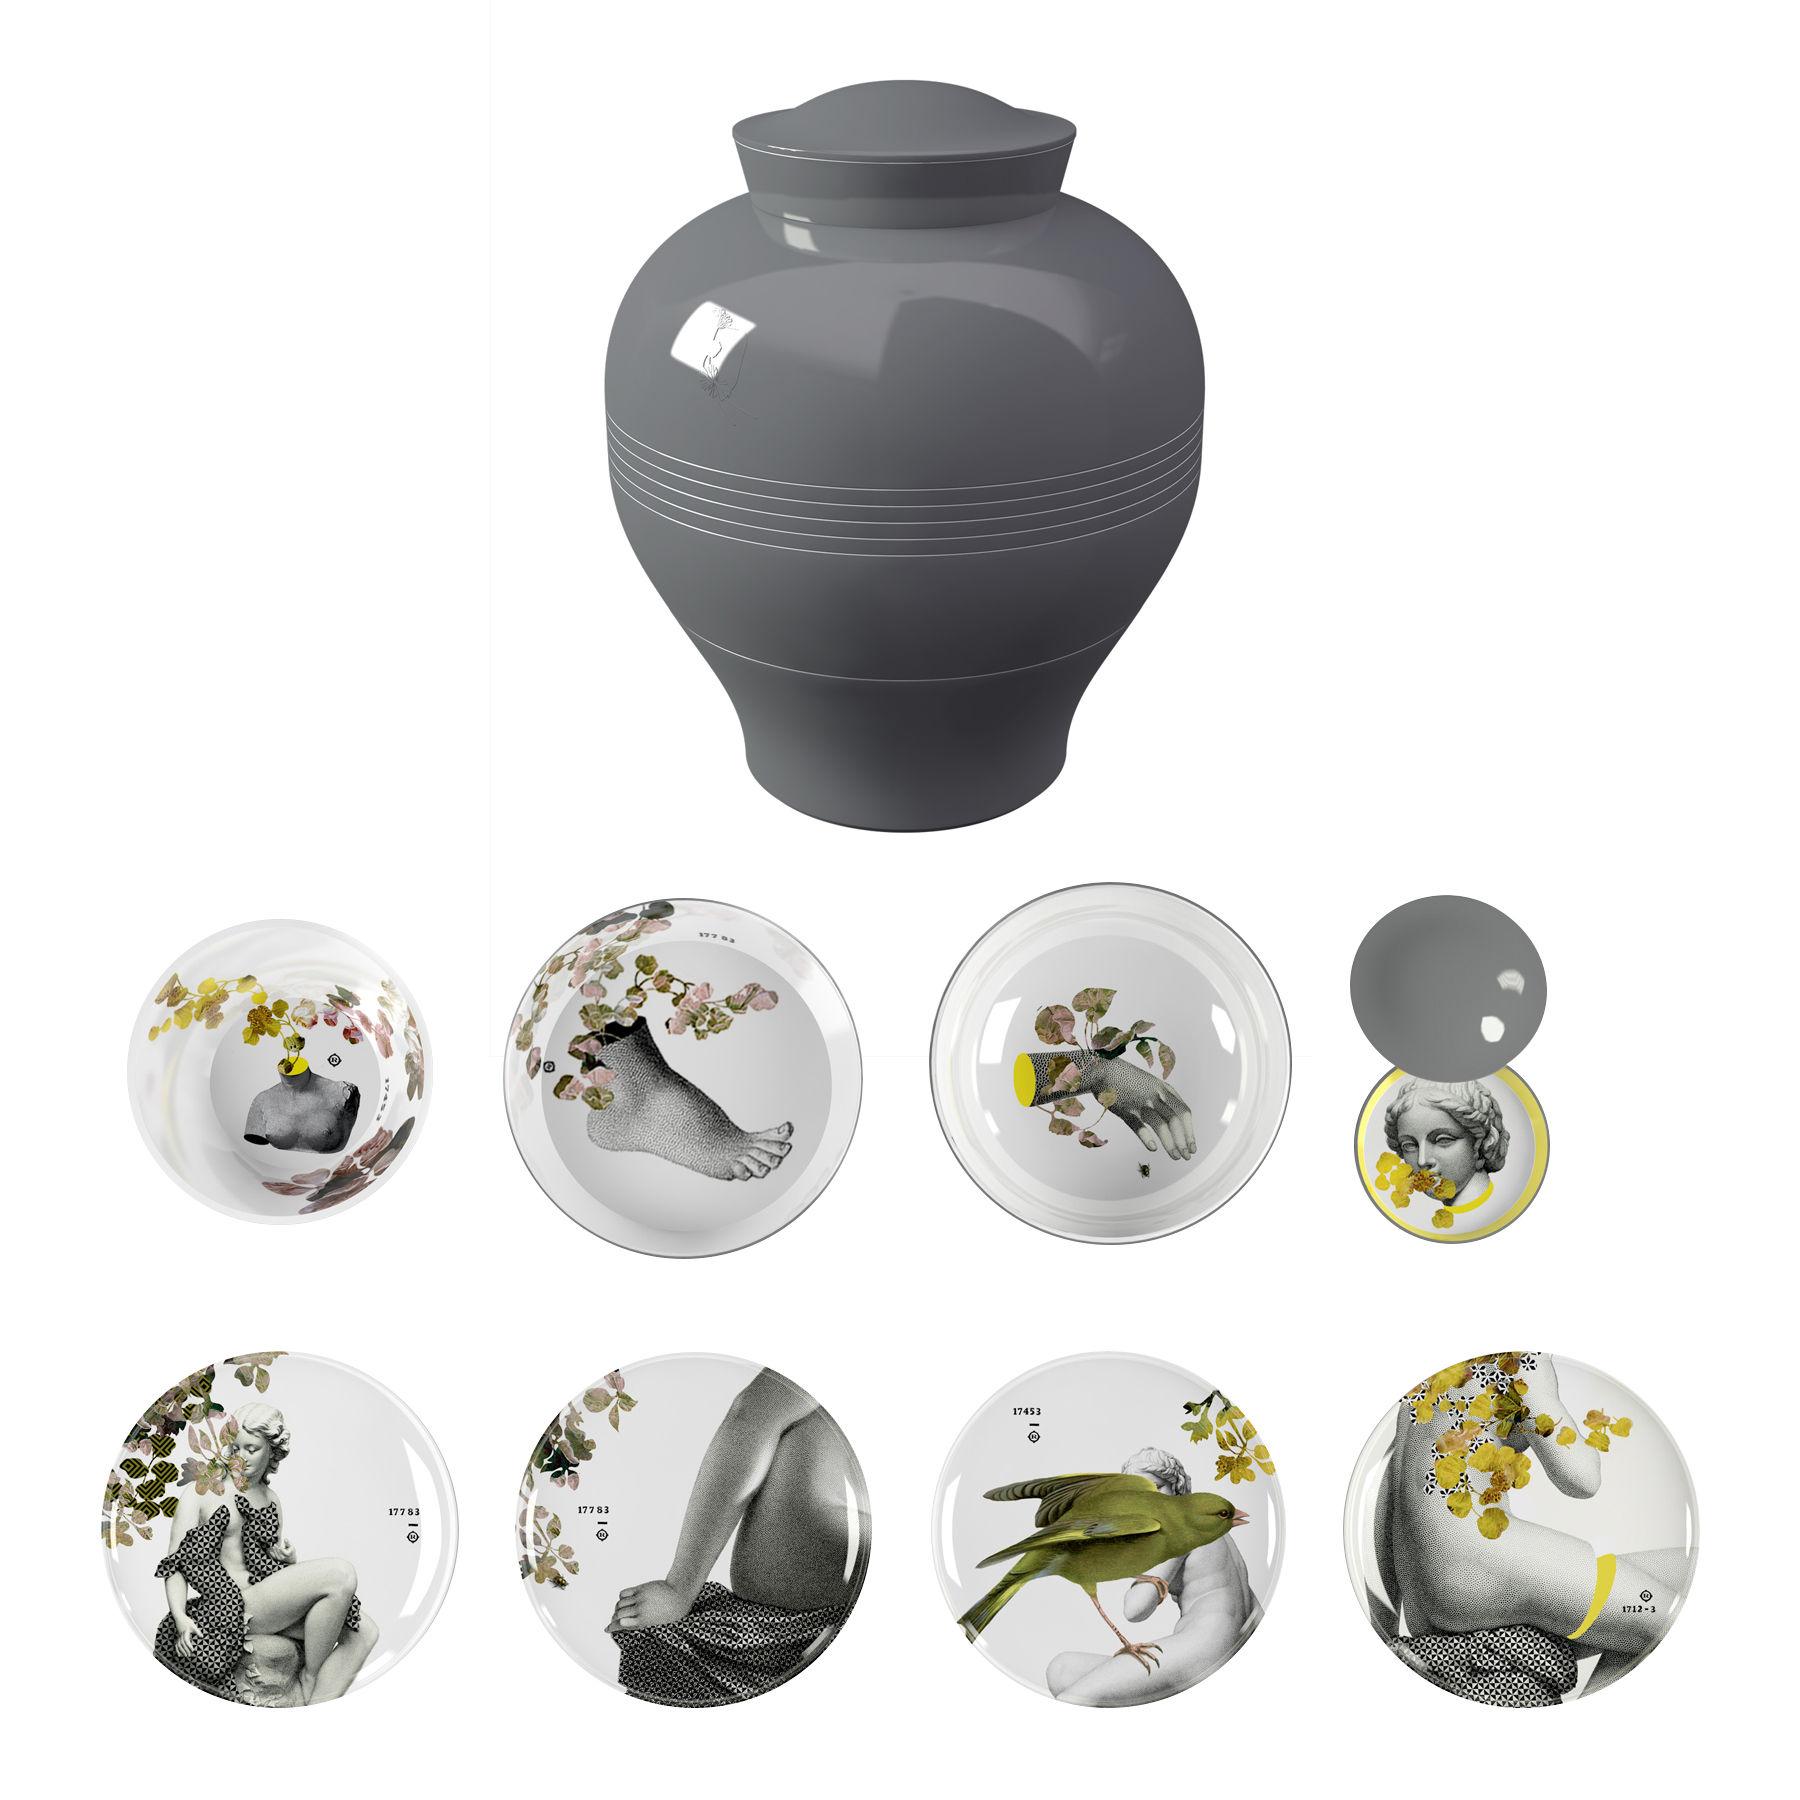 Arts de la table - Assiettes - Service de table Yuan Parnasse /8 pièces empilables - Ibride - Gris / Motifs gris & jaunes (Parnasse) - Mélamine